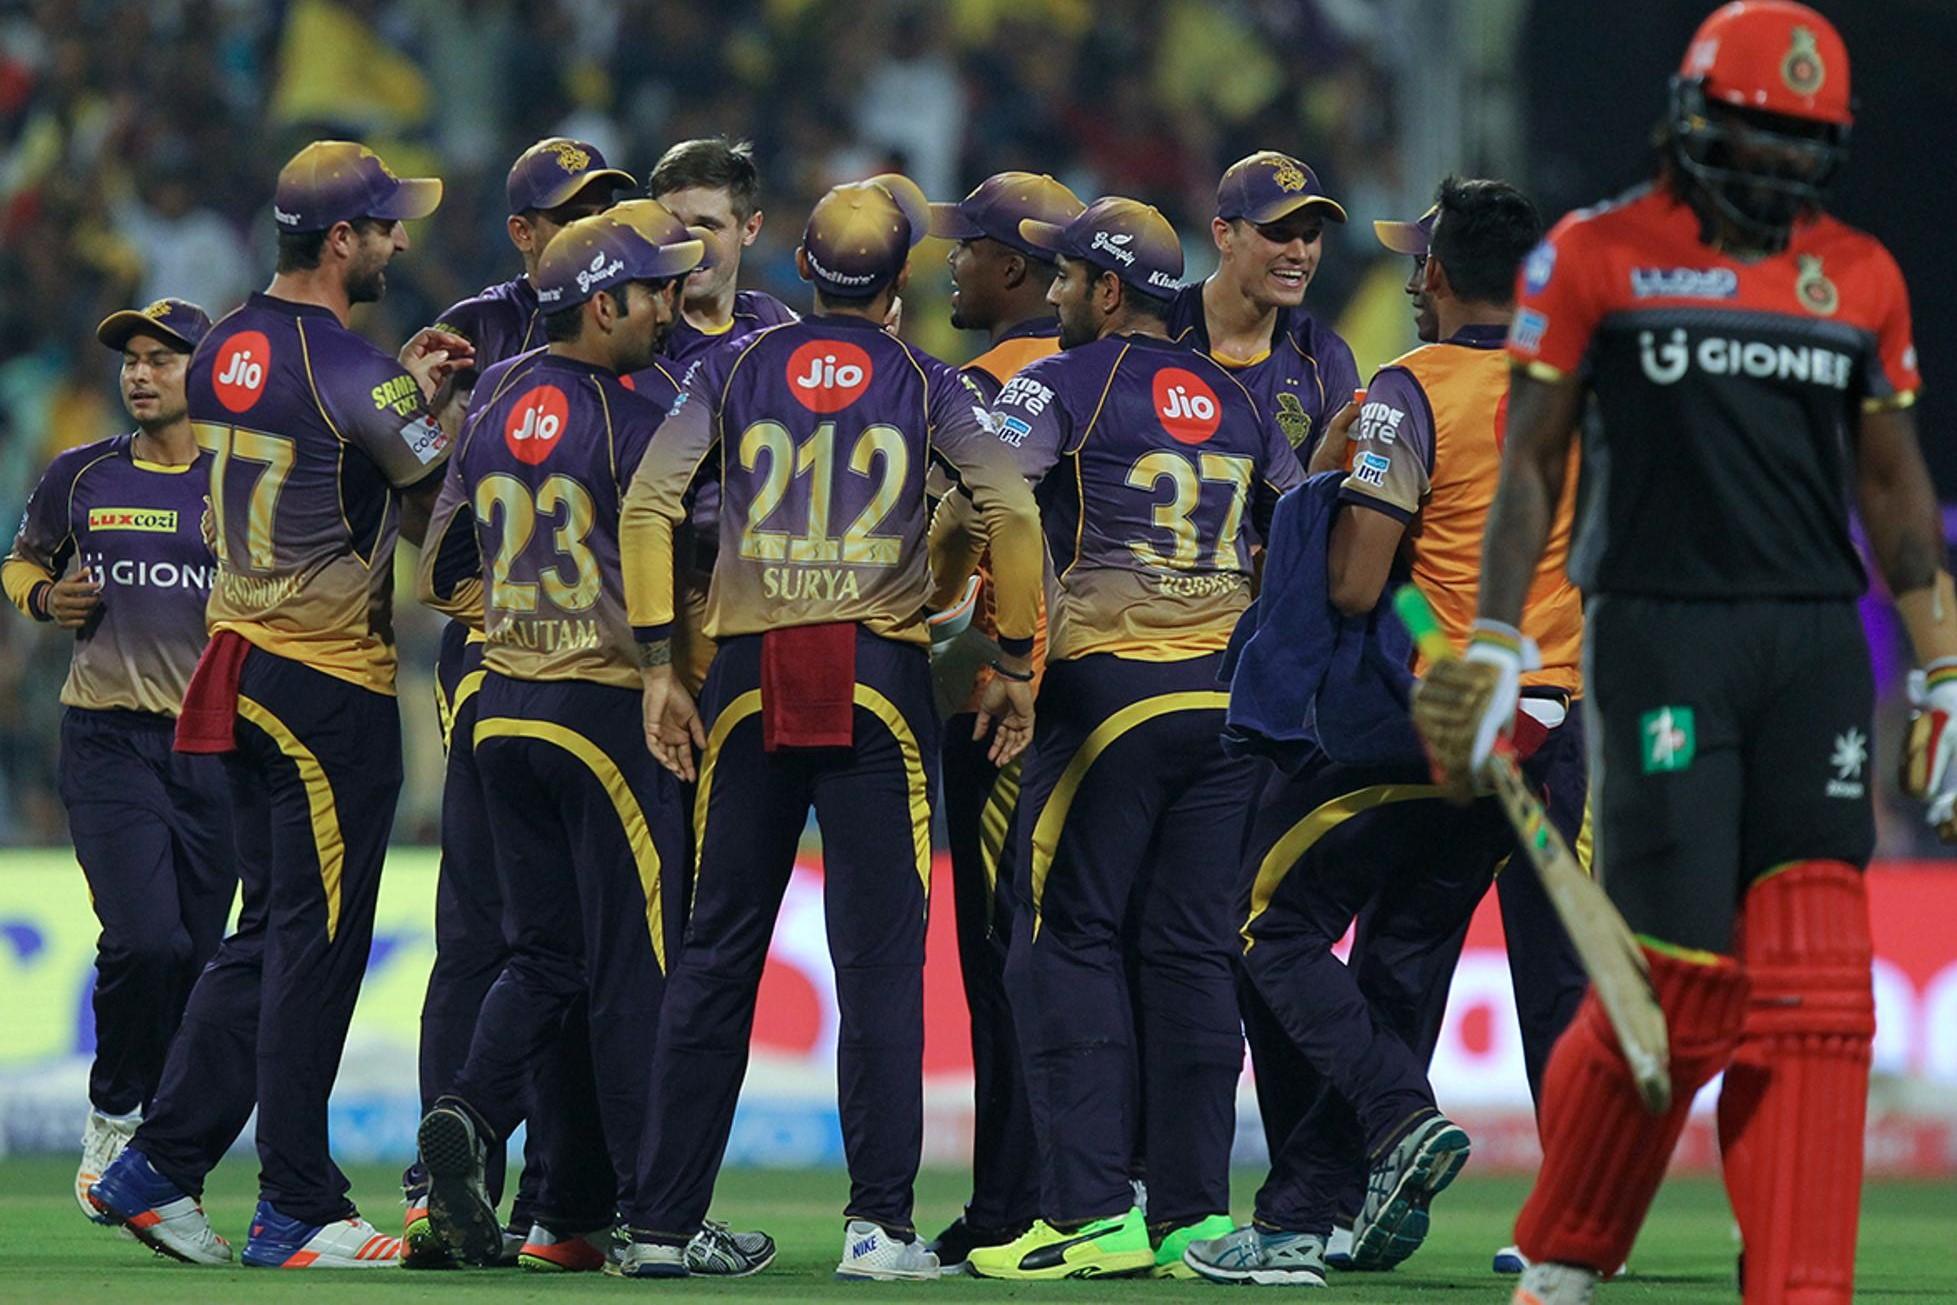 पुणे के खिलाफ कोलकाता ने किया अंतिम 11 का ऐलान, पिछले मुकाबले में आरसीबी का सफाया करने वाले खिलाड़ी को दिखाया बाहर का रास्ता 15